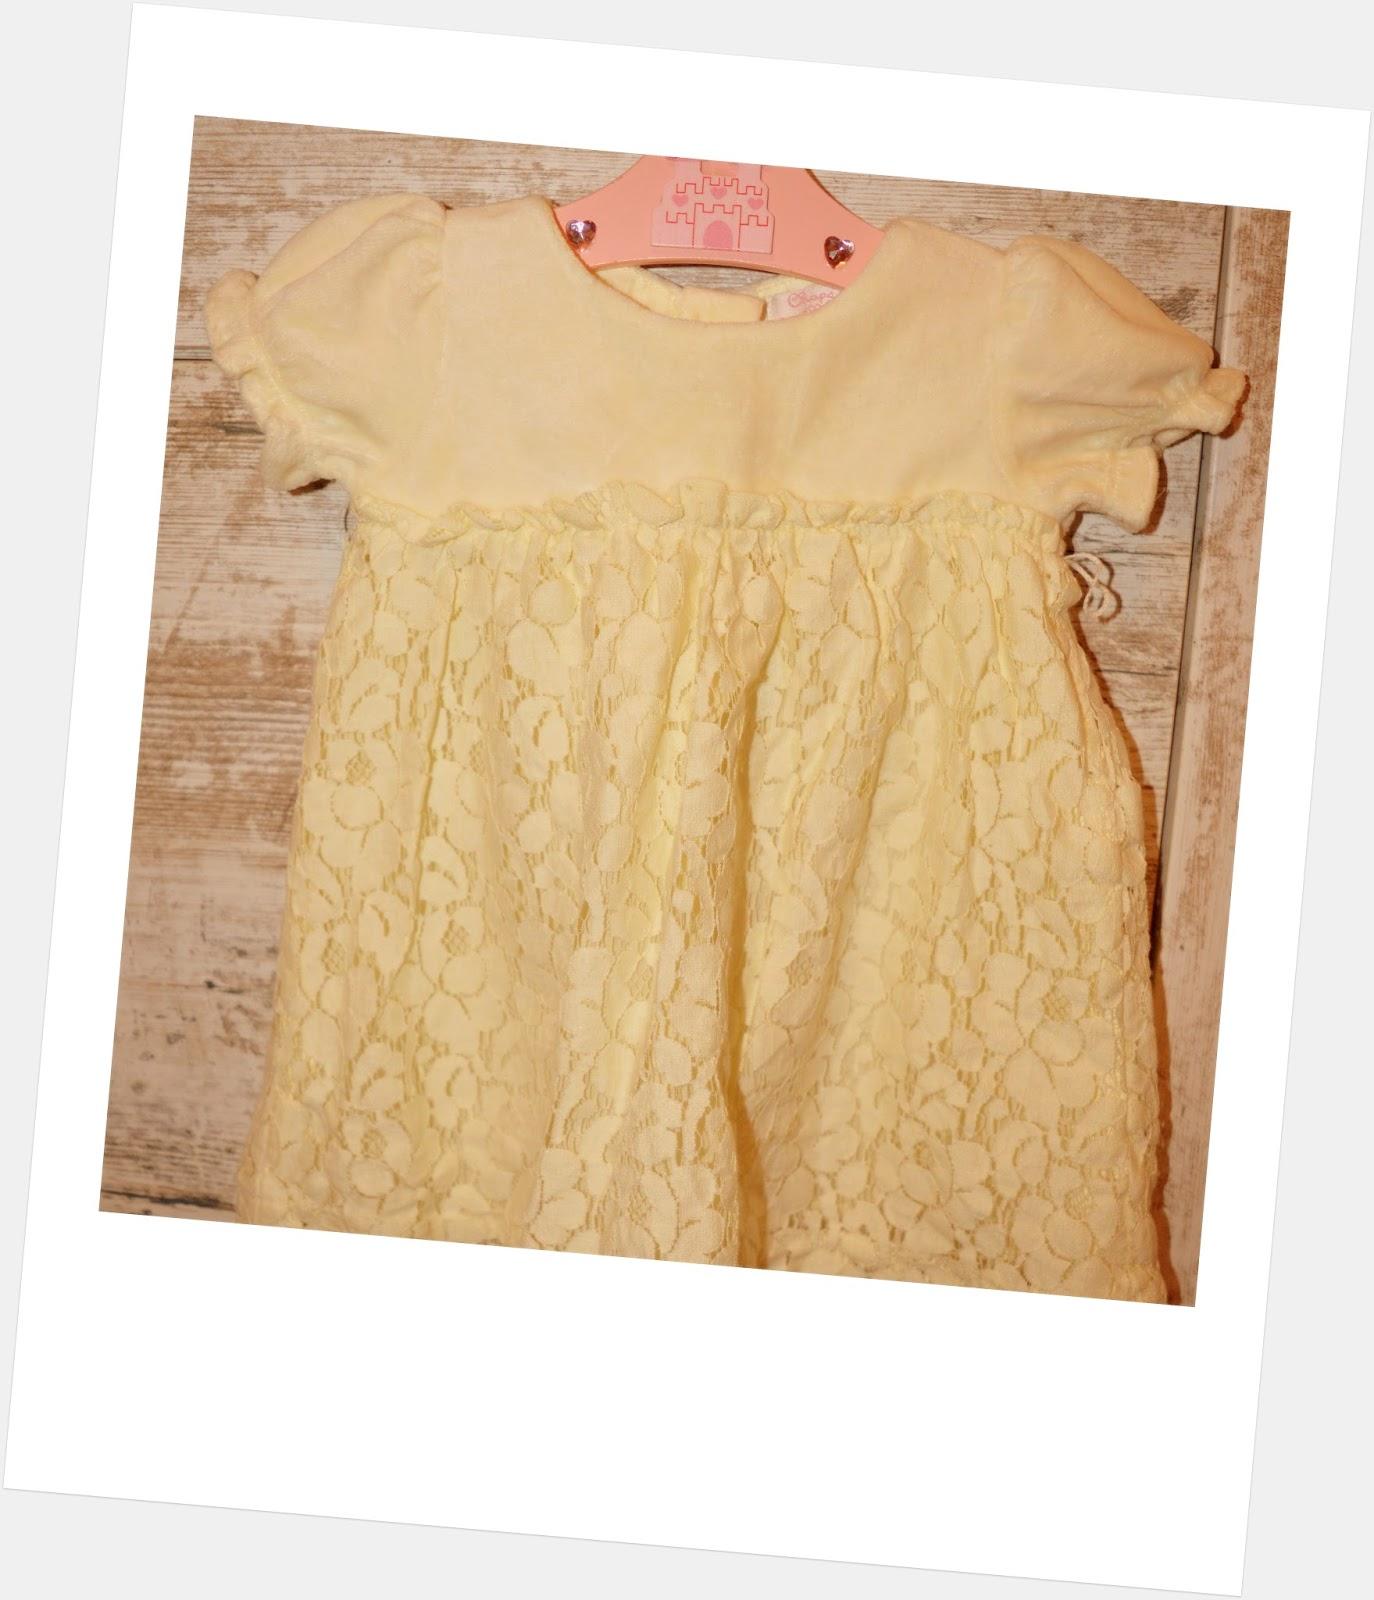 Pri malých dievčatách nie je výber šiat náročný. Obom som vybrala biele šaty f203a37b011